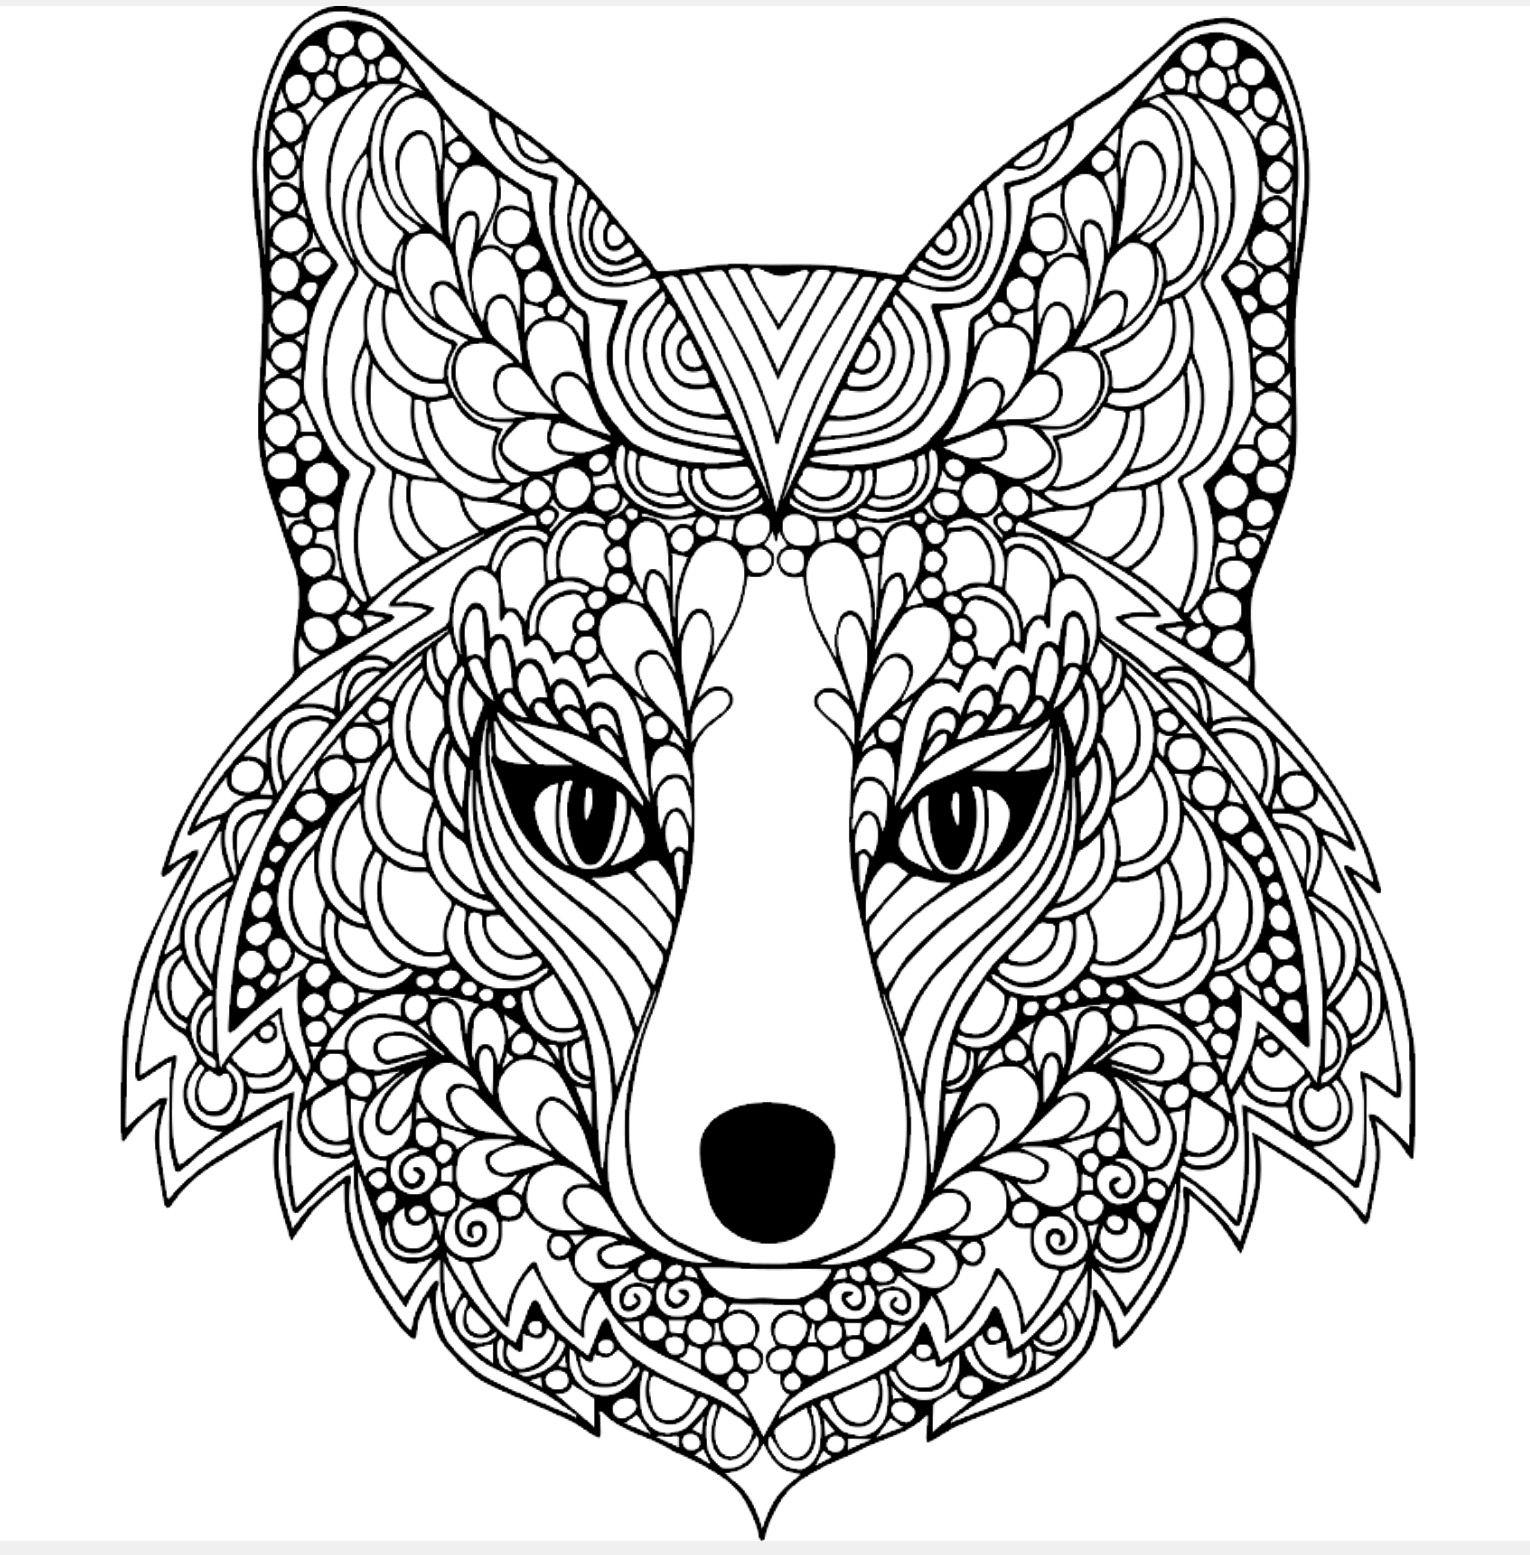 Pin de Holly Flick en Coloring pages | Pinterest | Organizadores y ...